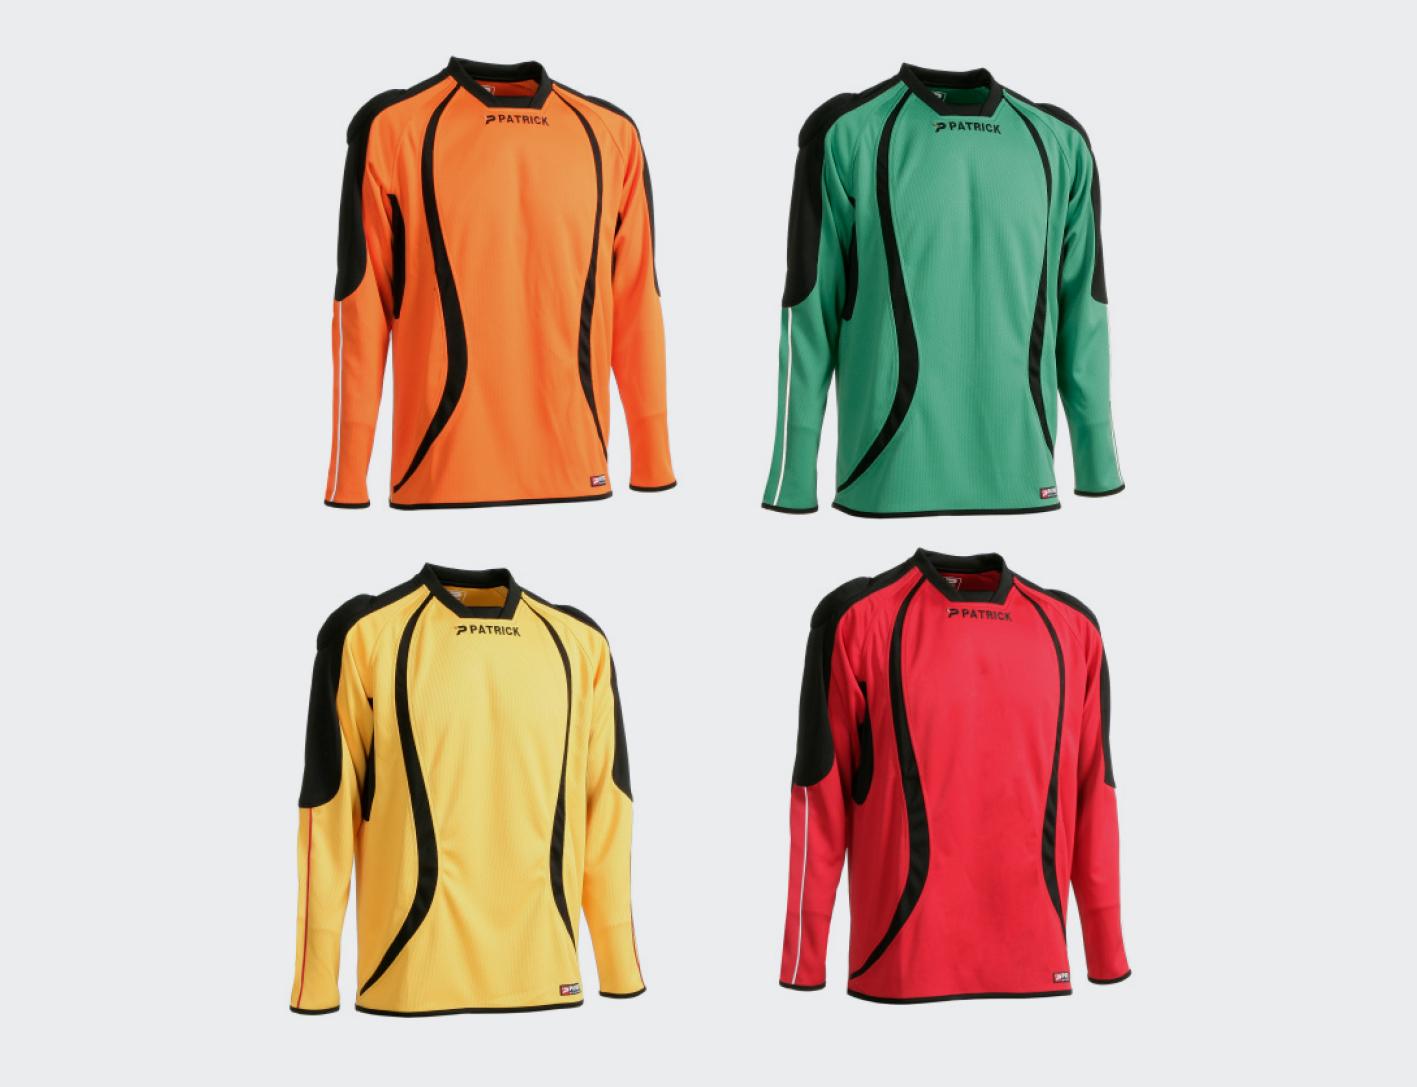 6532dc41e2f Calpe Goal Keeping Shirt - Slater Gartrell Sports